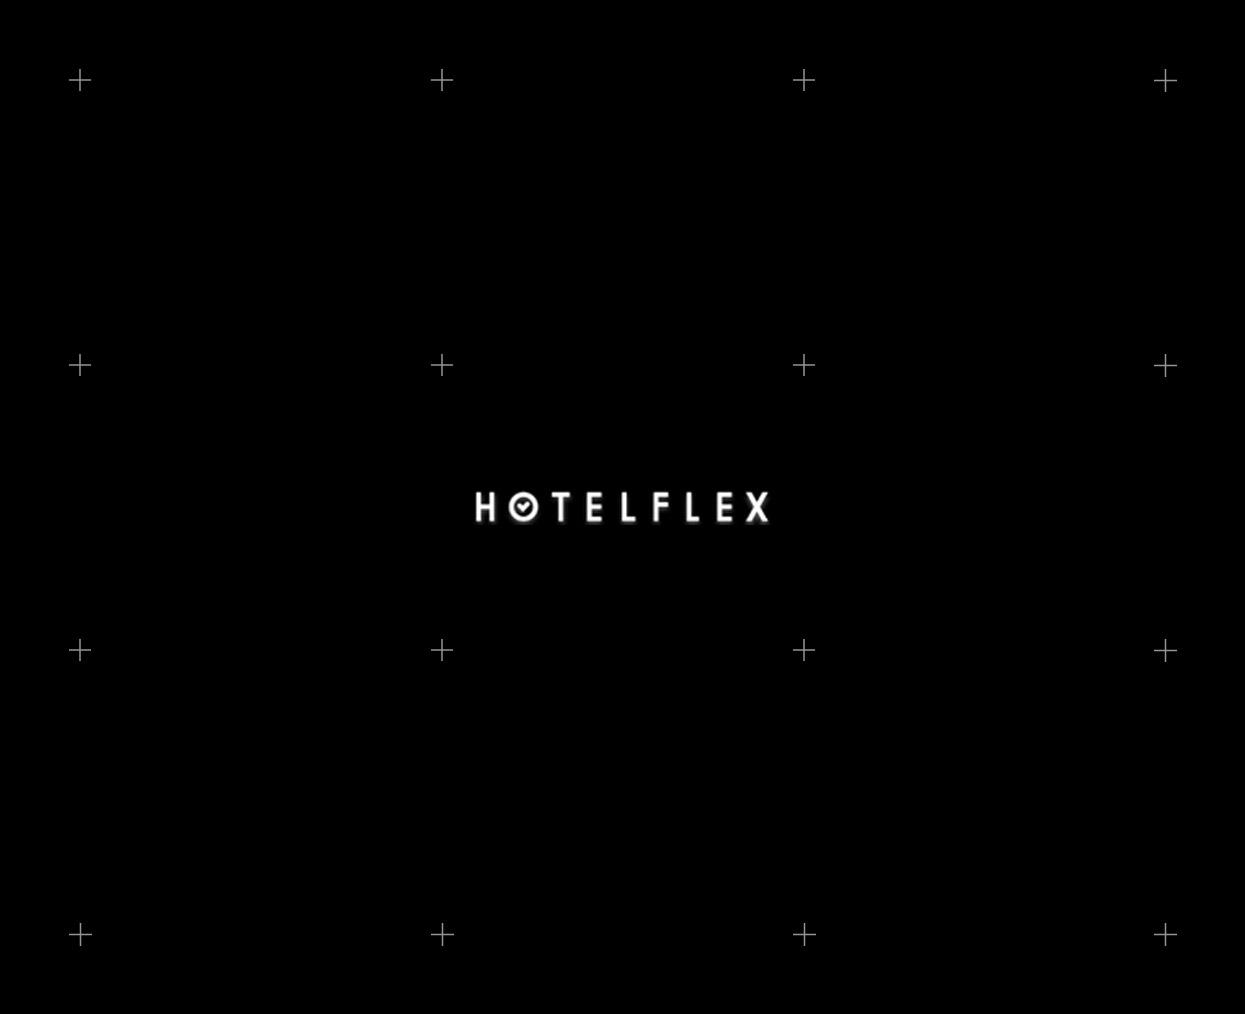 HotelFlex_830x66